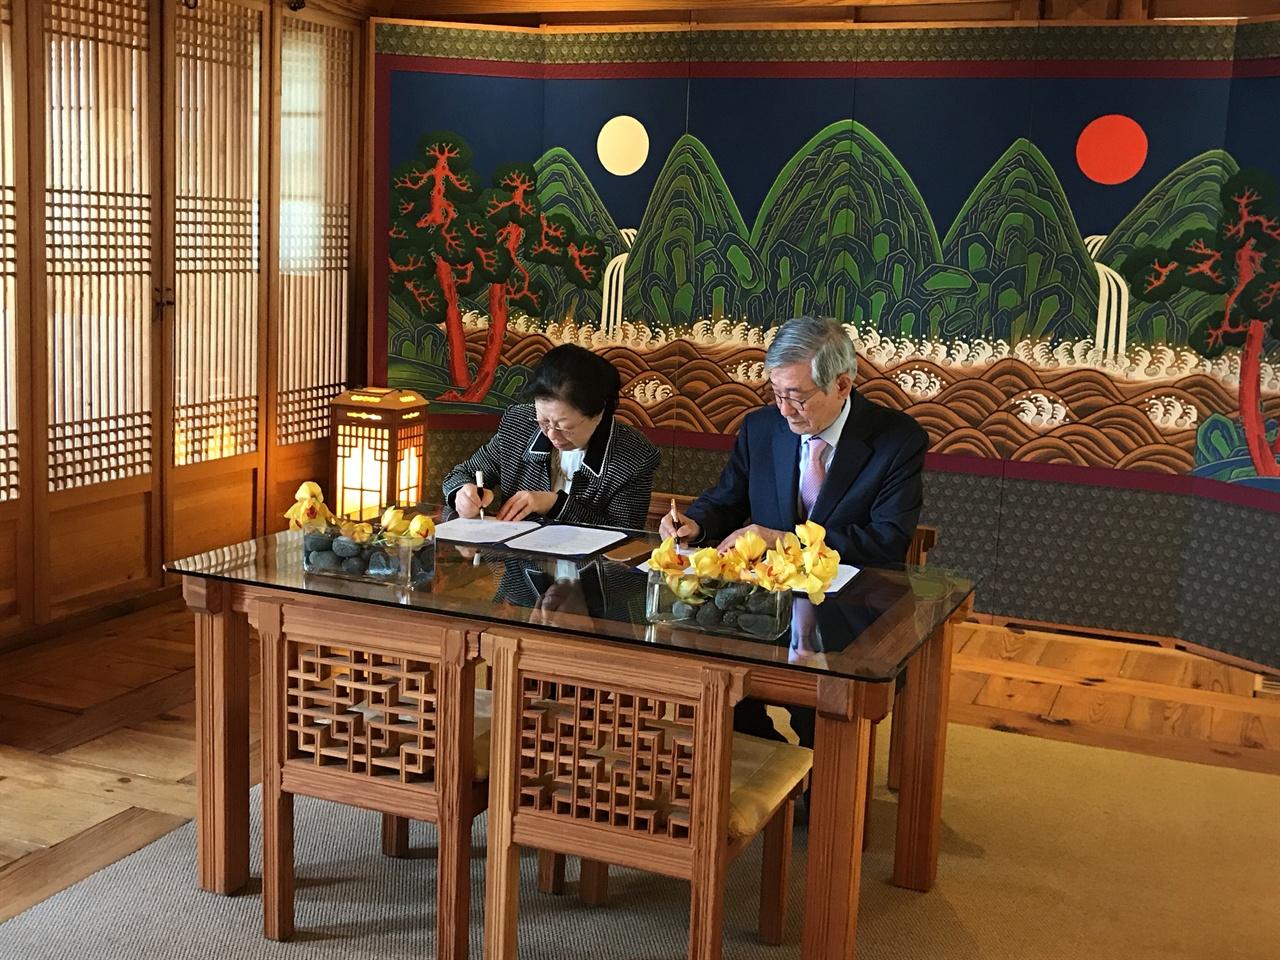 문화유산국민신탁과 한국가구박물관의 MOU 체결식